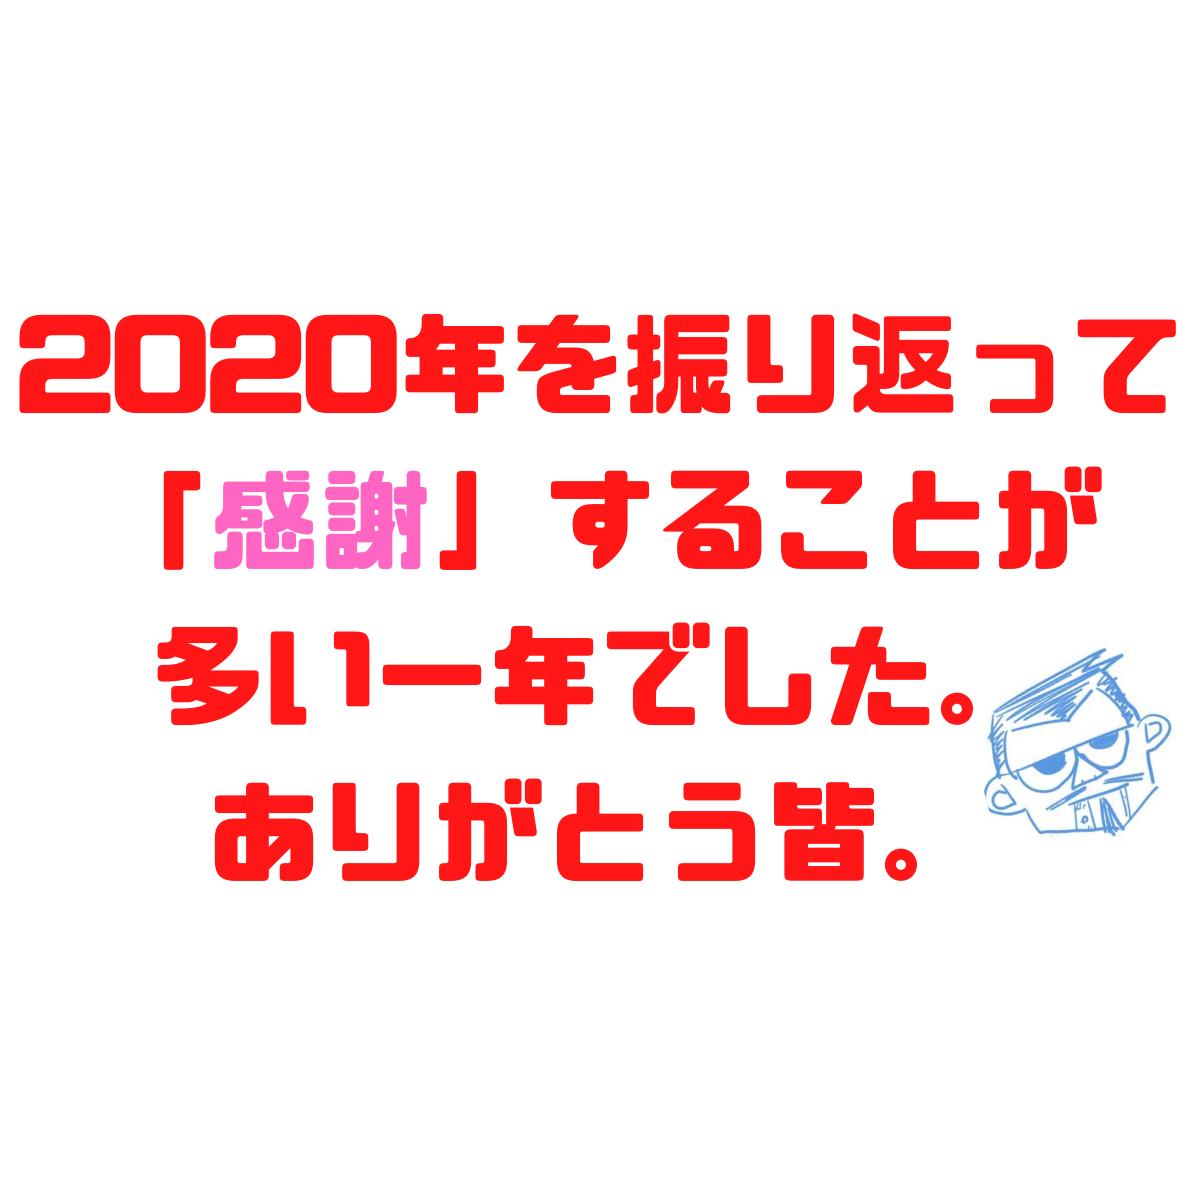 f:id:tosakax:20201231122618p:plain